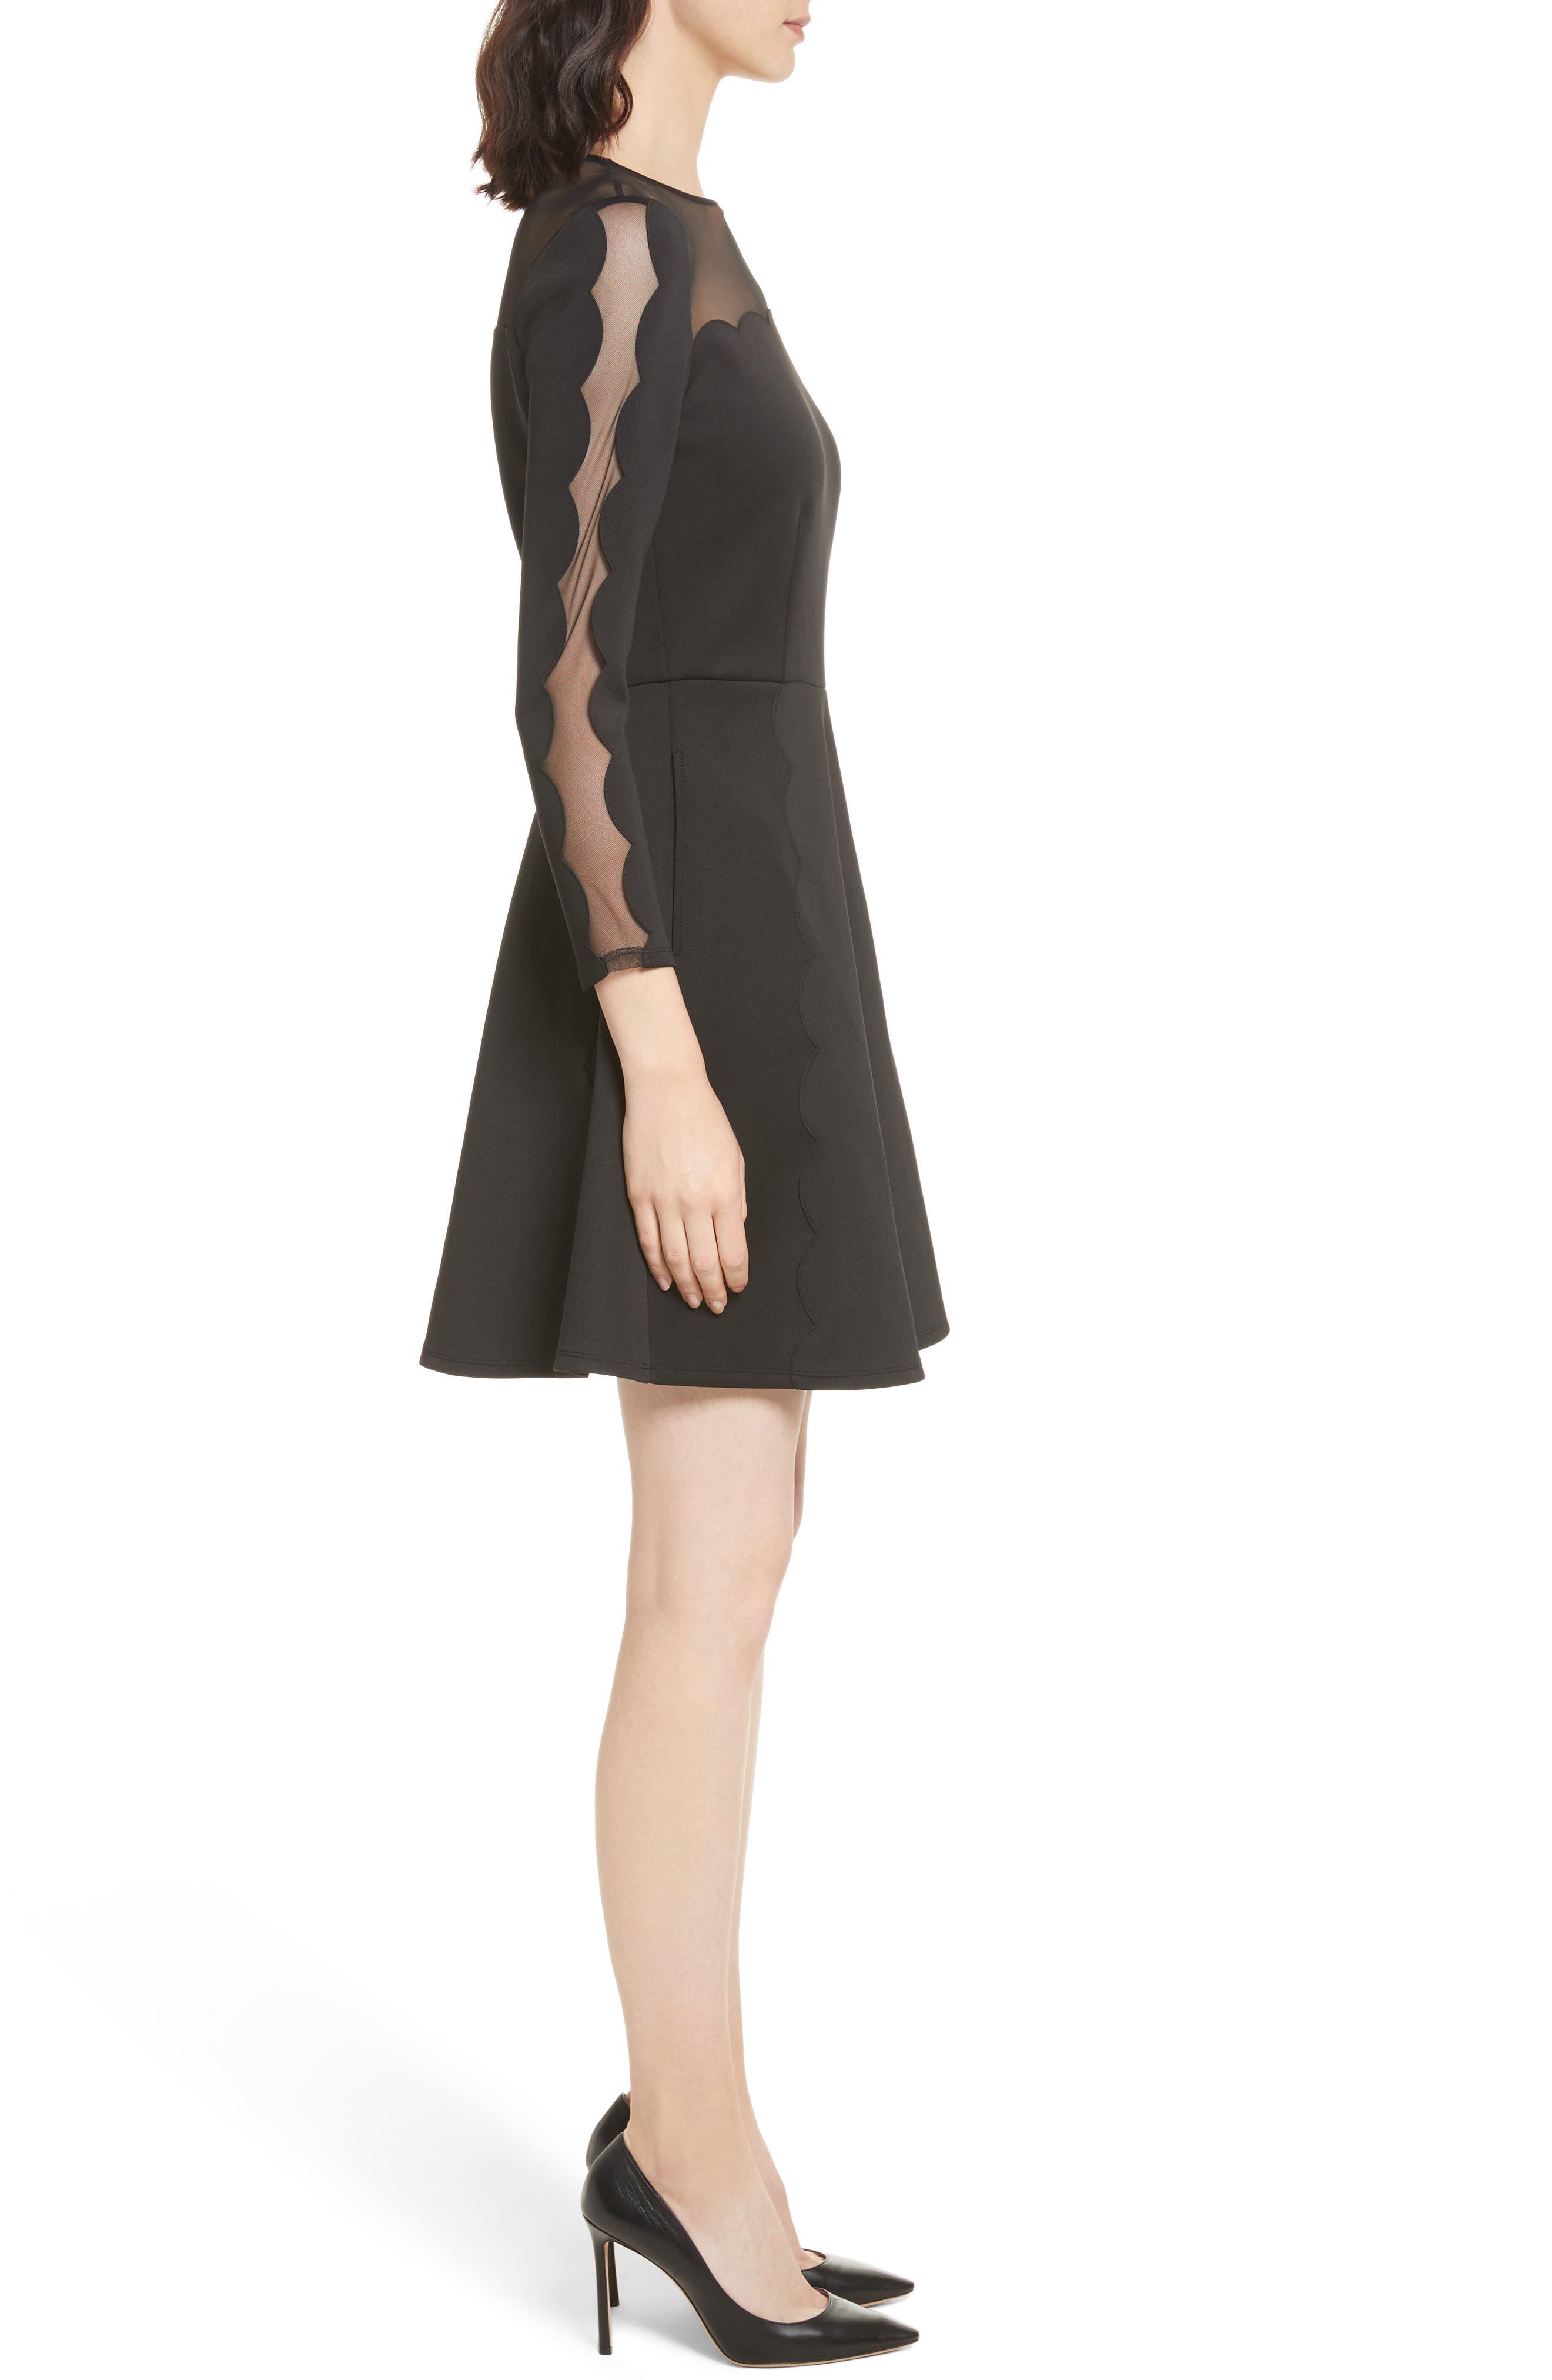 Kikoh Mesh Panel Skater Dress,                             Alternate thumbnail 3, color,                             Black